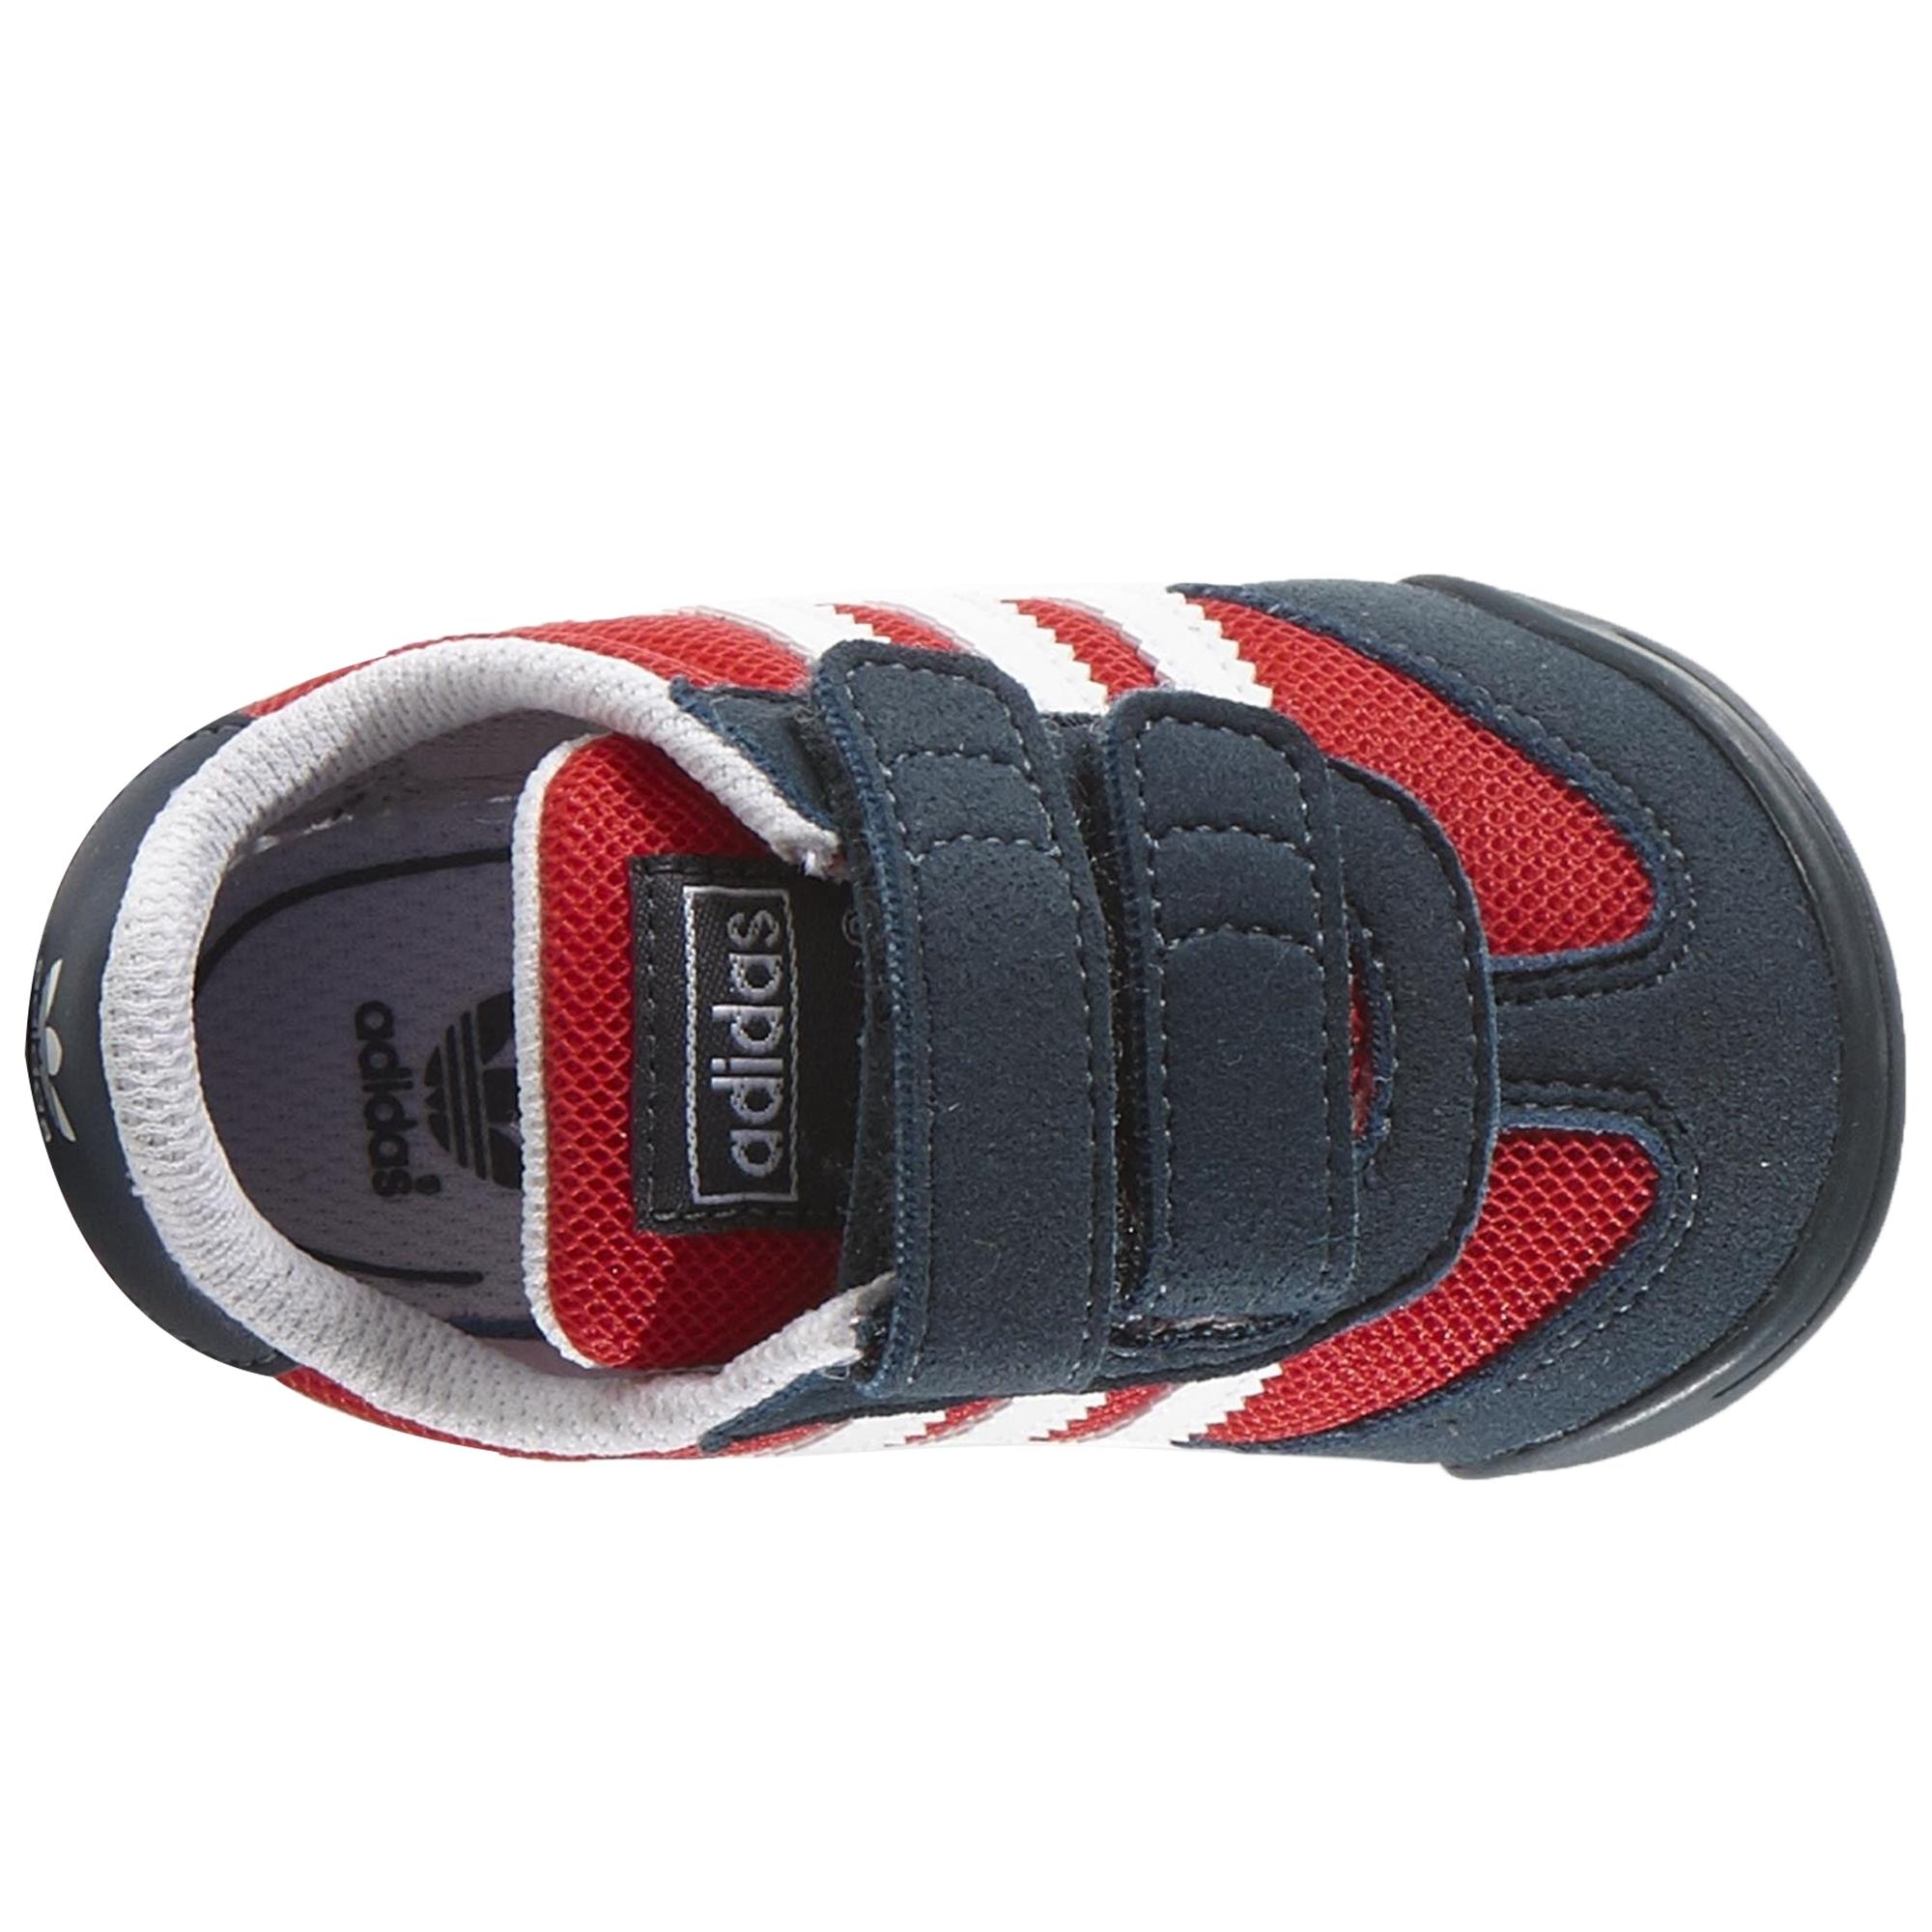 adidas dragon l2w